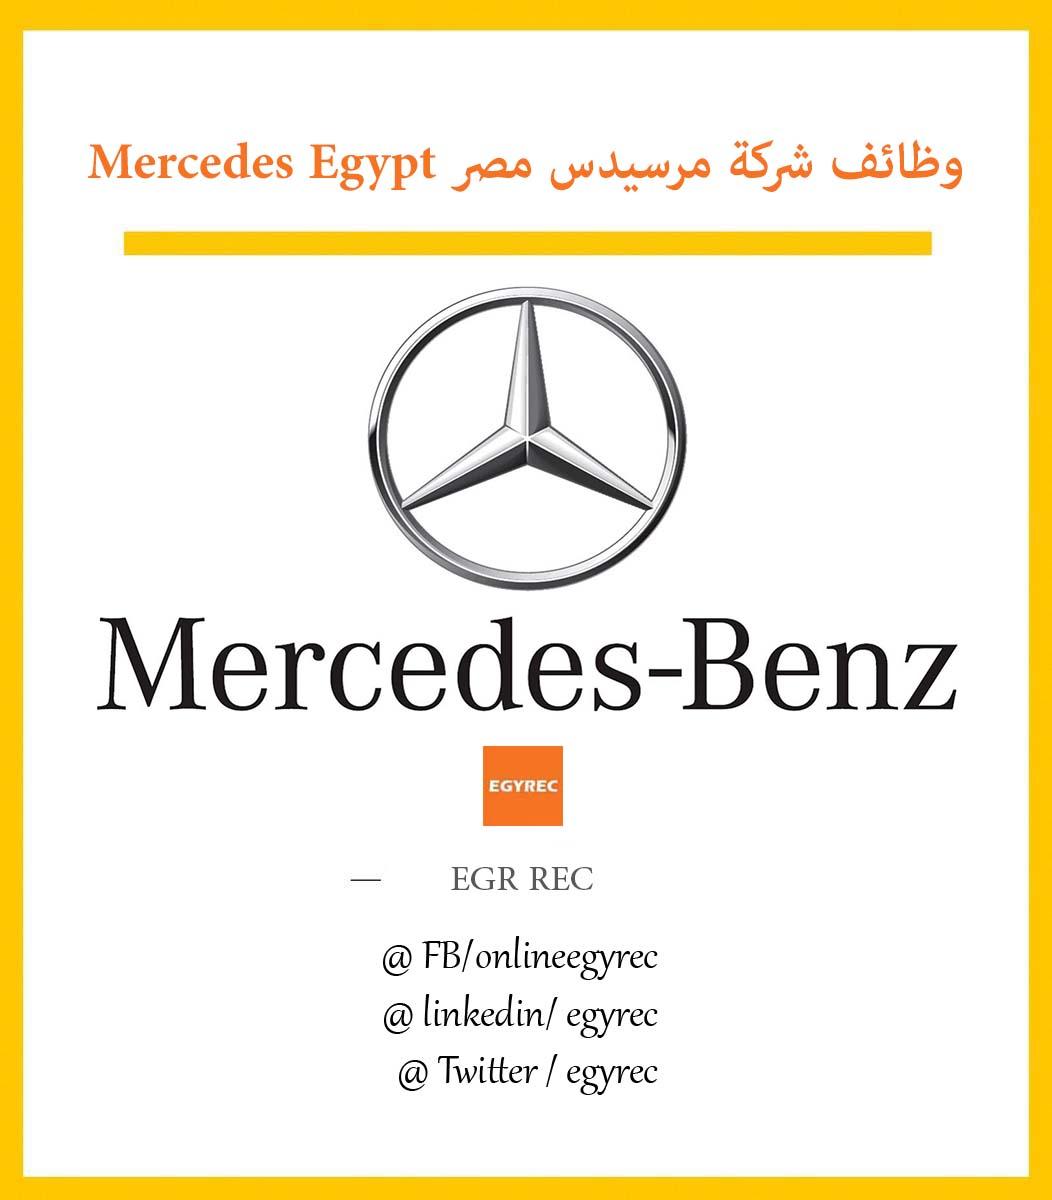 وظائف الشركة الوطنية للسيارات وكيل مرسيدس Mercedes-Benz تطلب HR